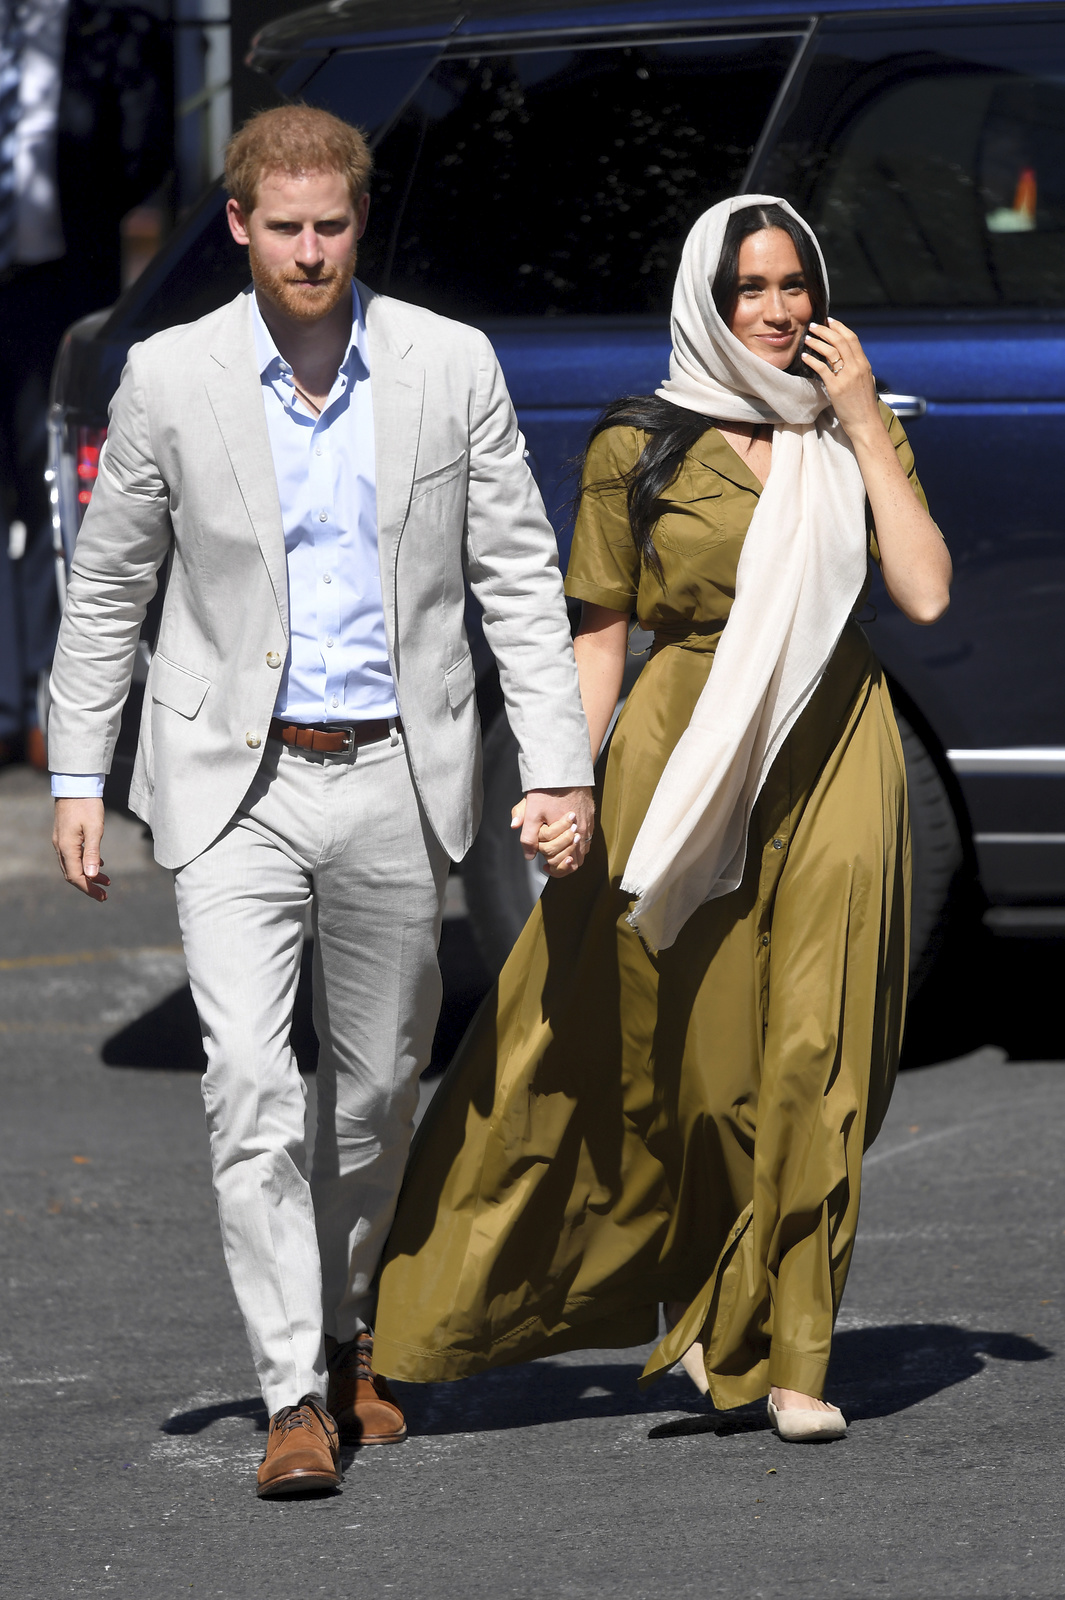 Meghan a princ Harry se v JAR rozhodně nechovají jako členové královské rodiny...